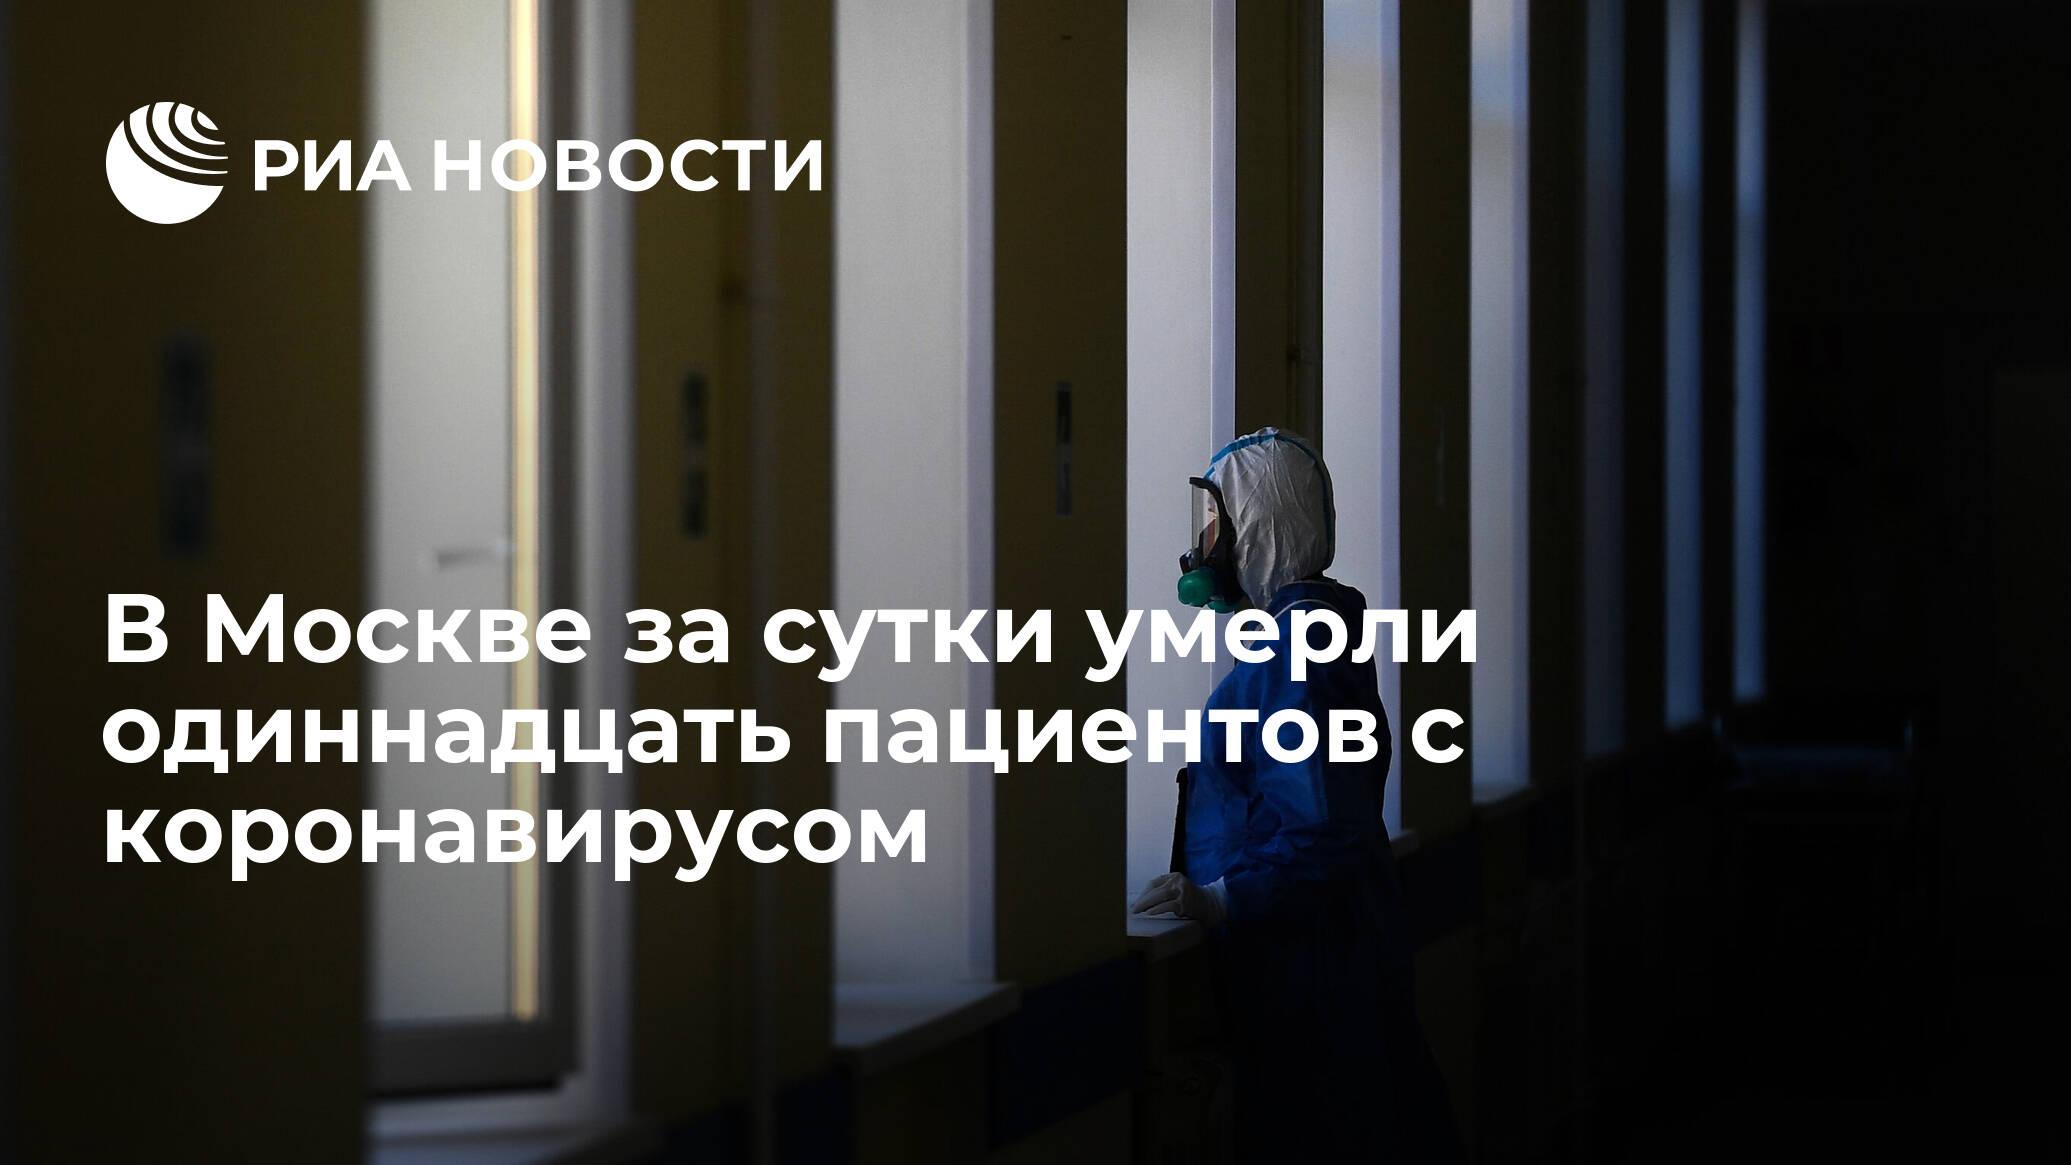 В Москве за сутки умерли одиннадцать пациентов с коронавирусом